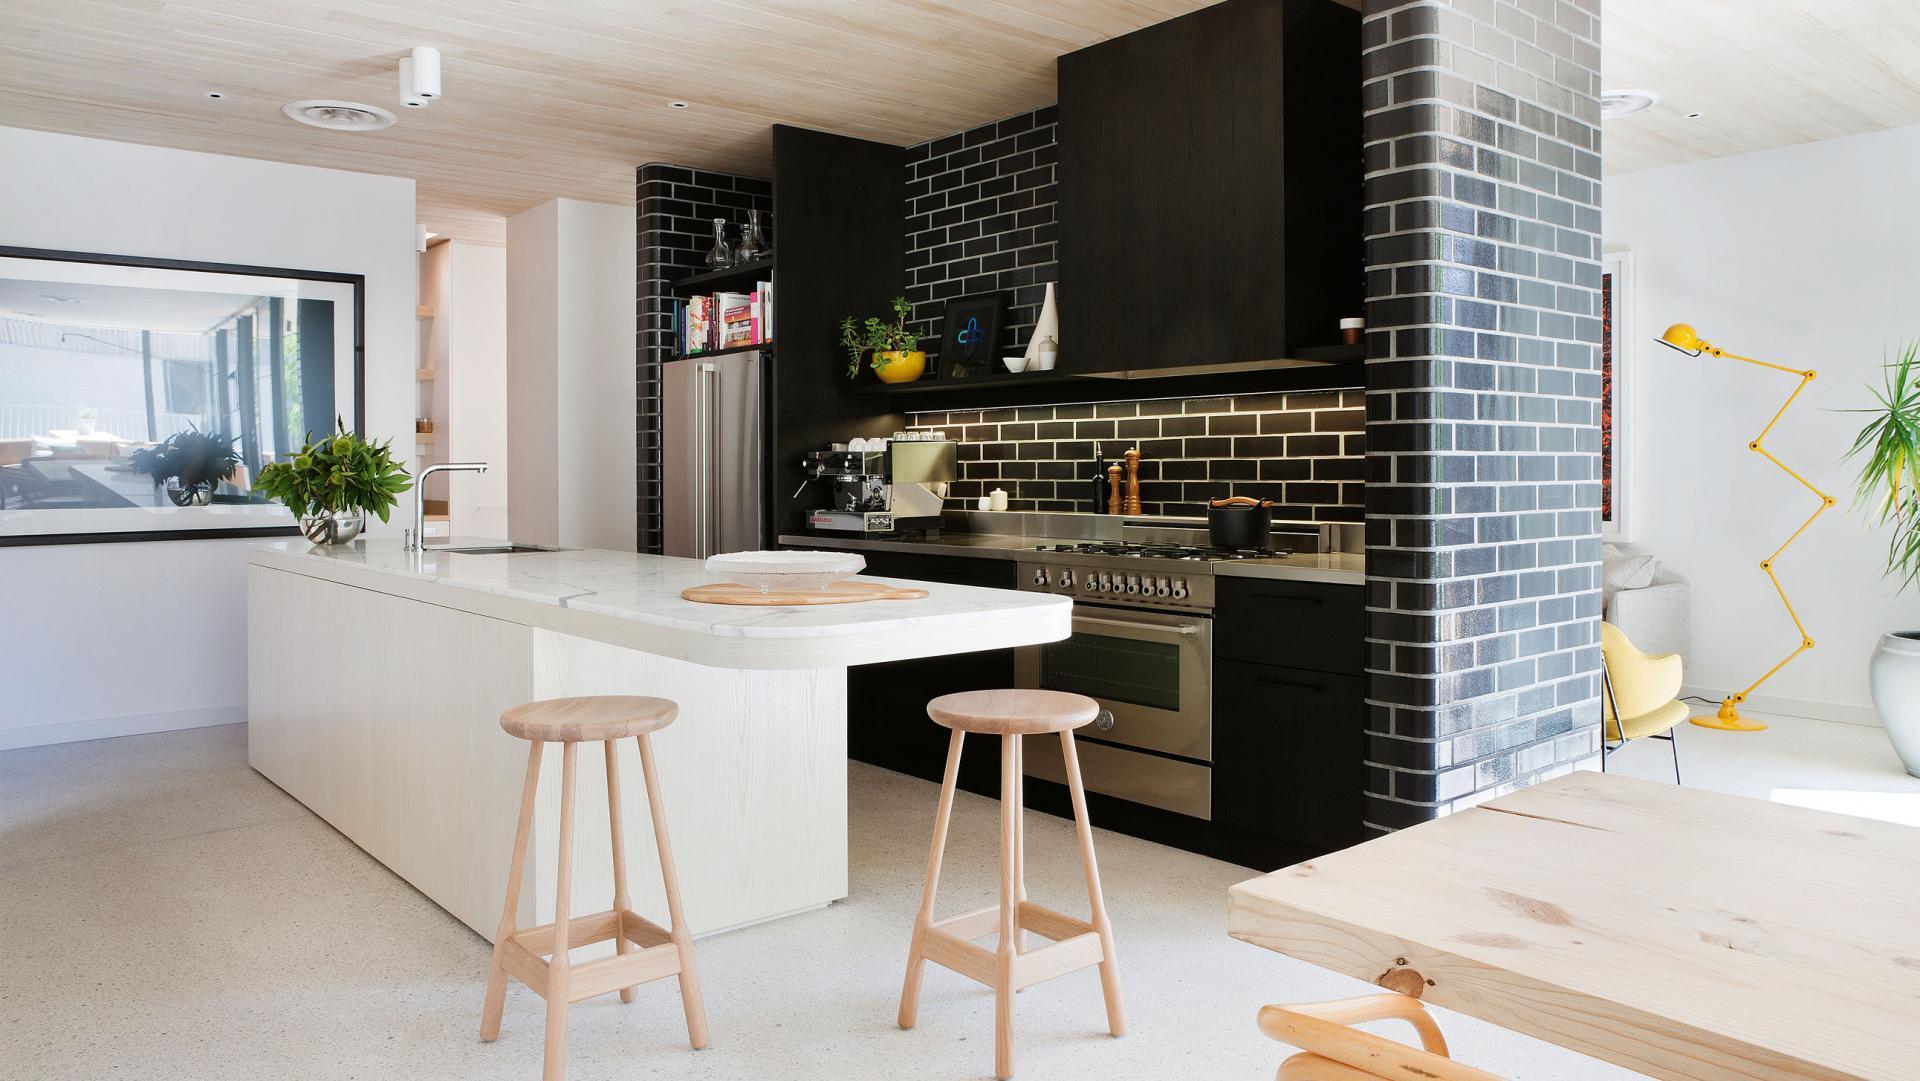 50 Best Modern Kitchen Design Ideas for 2021   InteriorSherpa